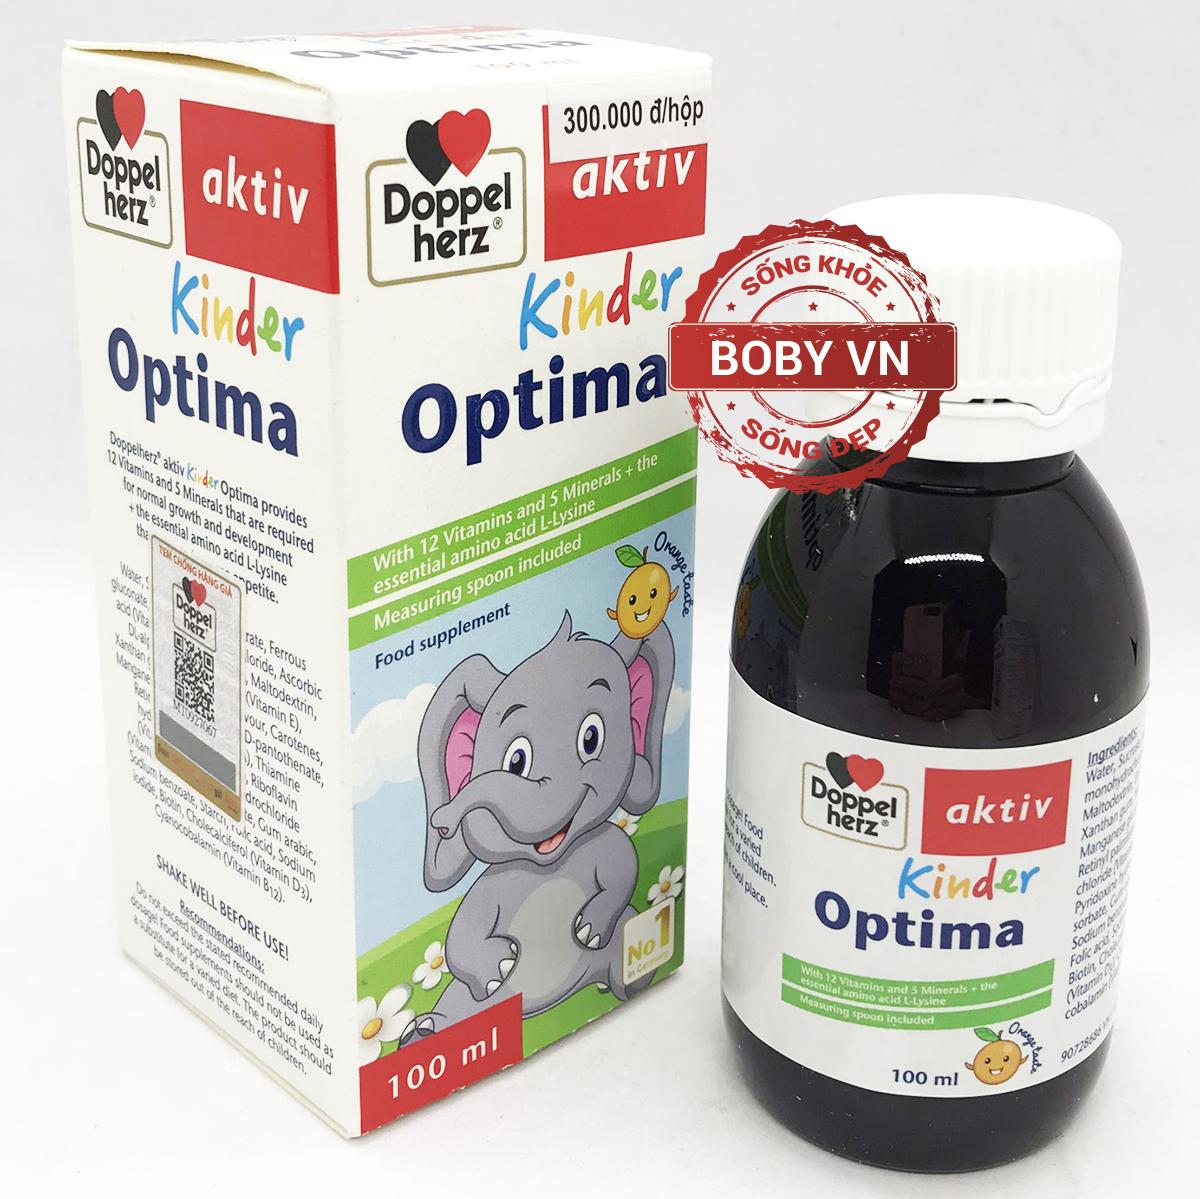 Doppel herz Aktiv Kinder Optima hỗ trợ trẻ biếng ăn, chậm lớn, hấp thu kém - Chính hãng Đức